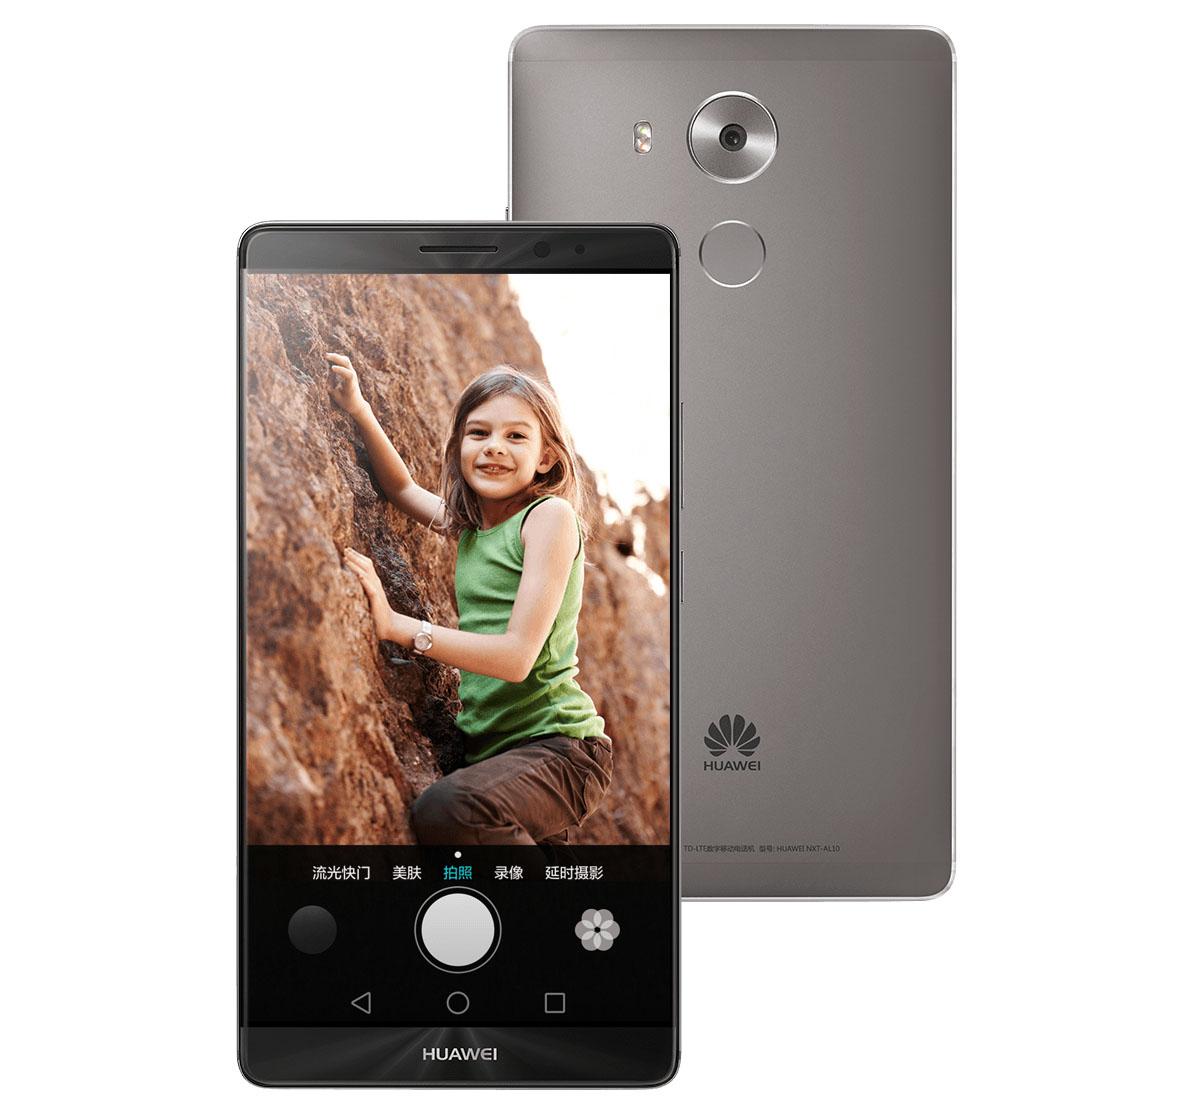 Huawei Mate 8_3